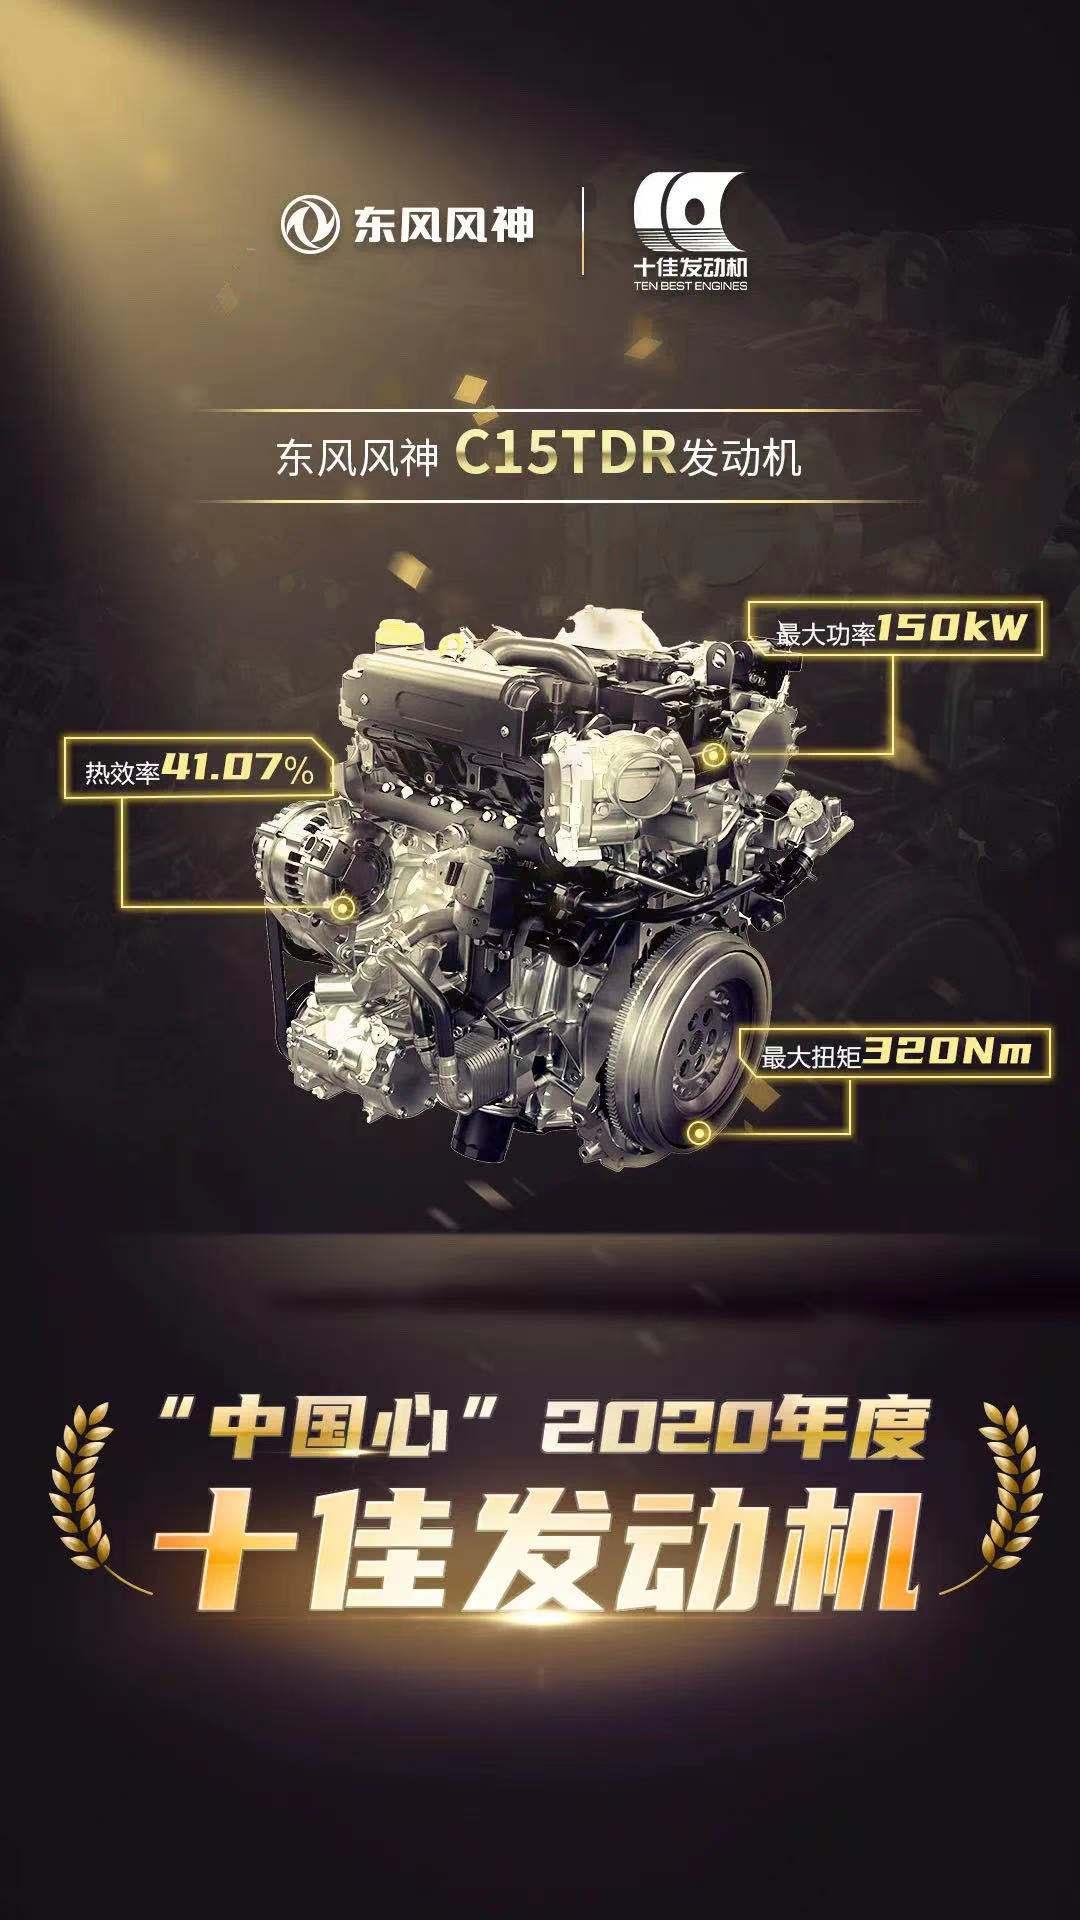 效率达41.07% 东风风神C15TDR发动机获新称号